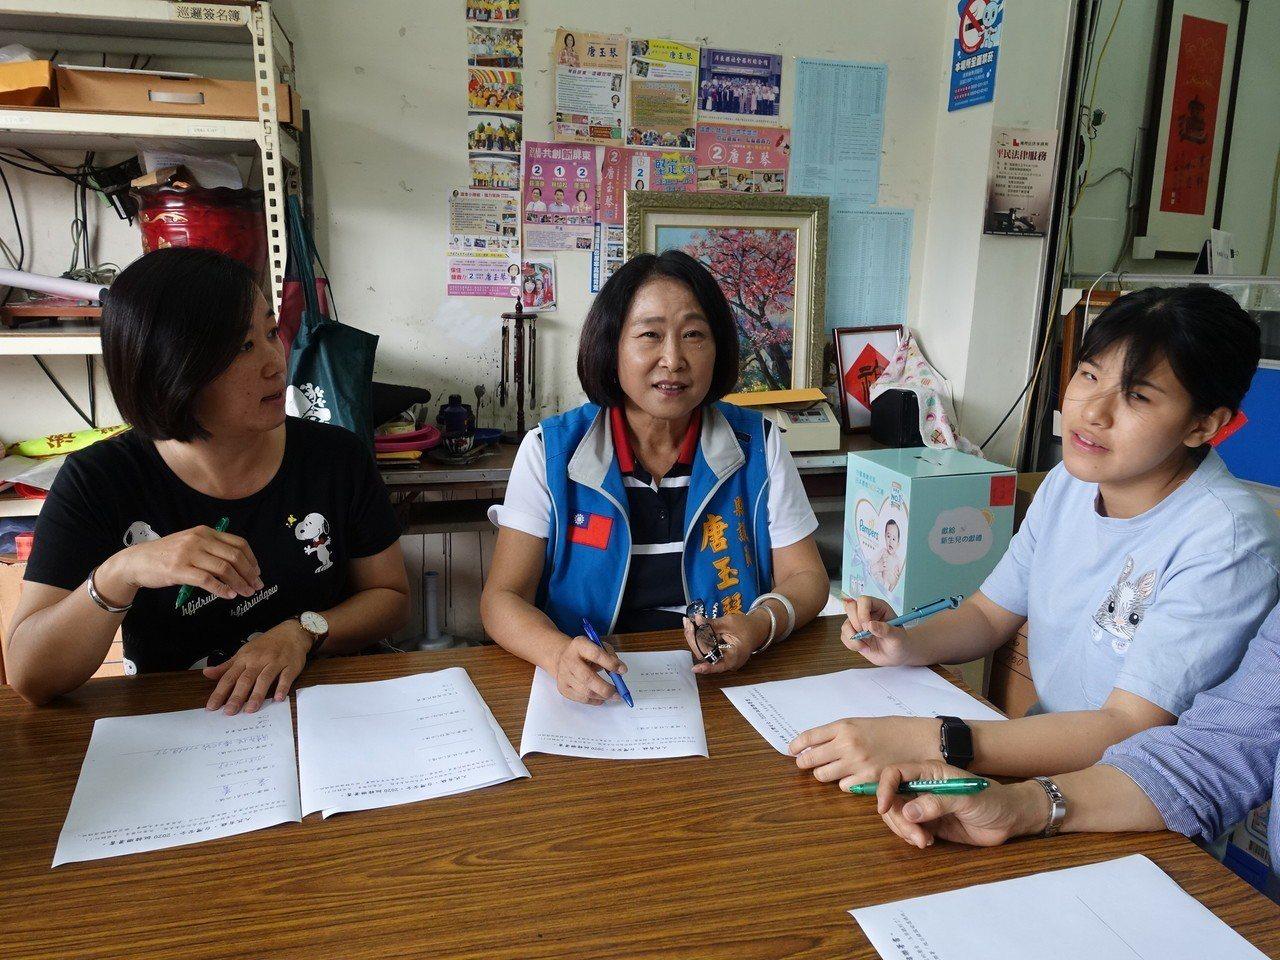 屏東縣議員唐玉琴(中)發起連署支持徵召韓國瑜參選總統。記者翁禎霞/攝影